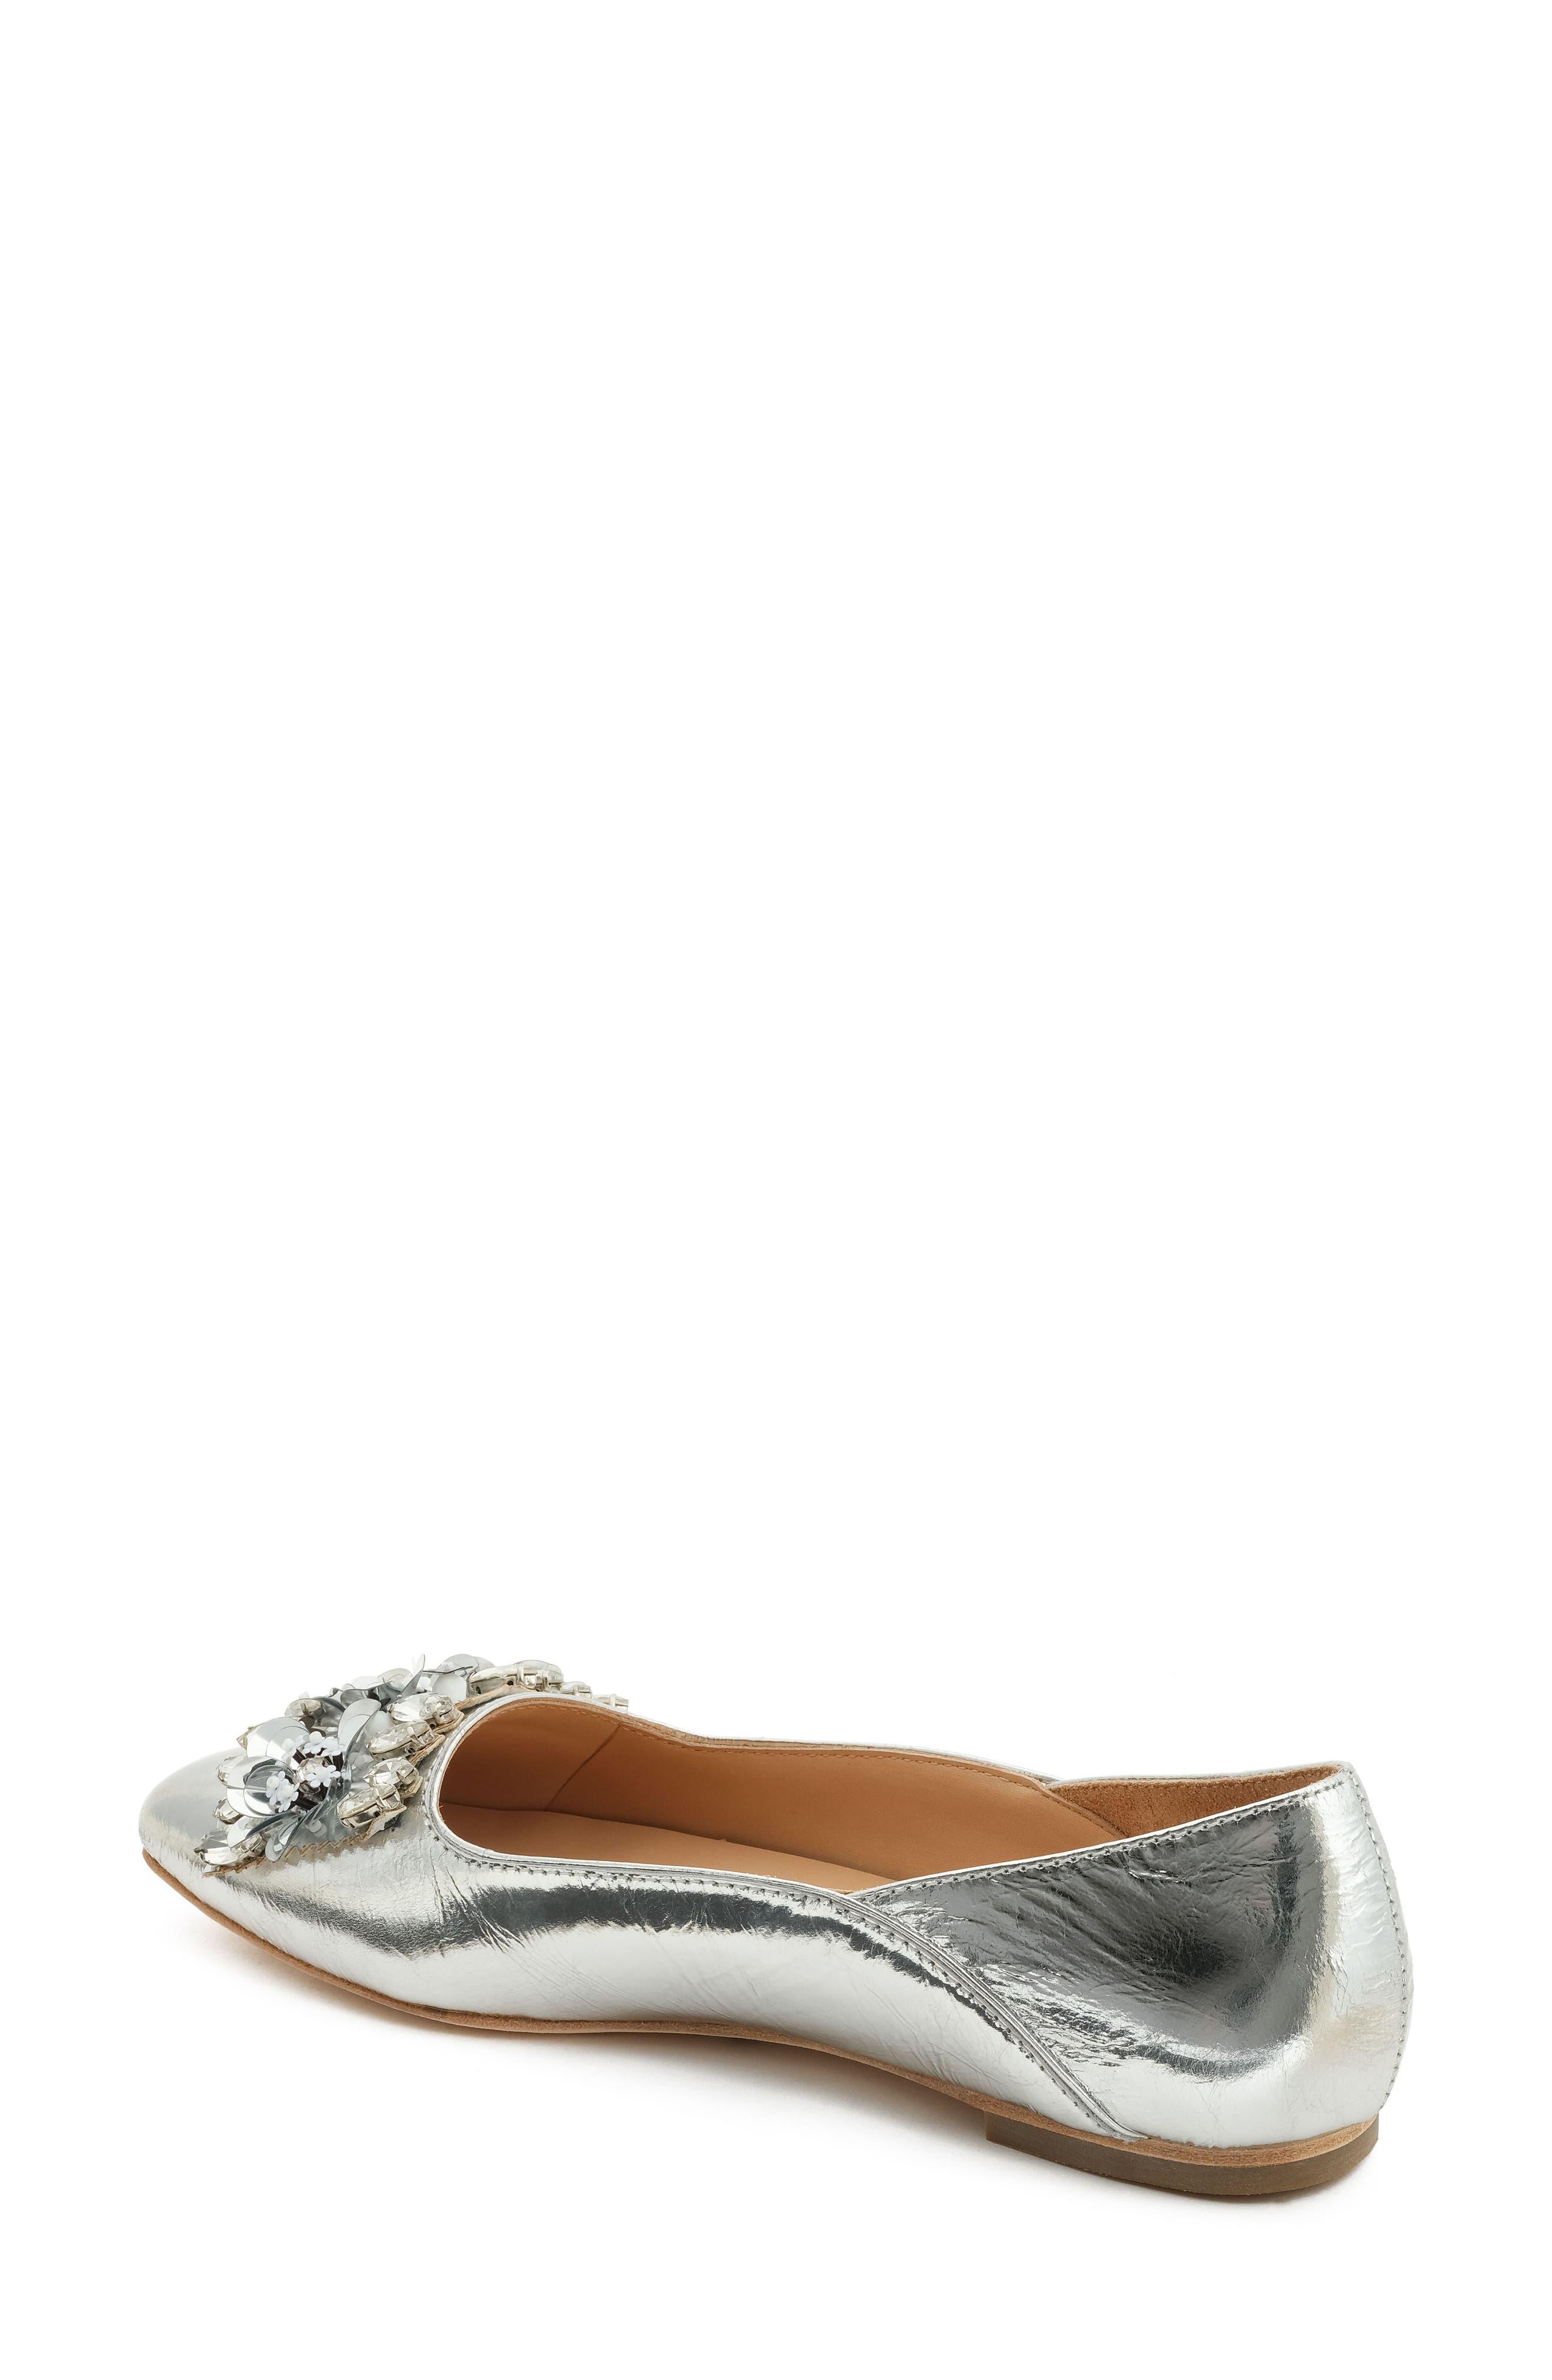 Aurey Embellished Ballet Flat,                             Alternate thumbnail 2, color,                             Silver Foil